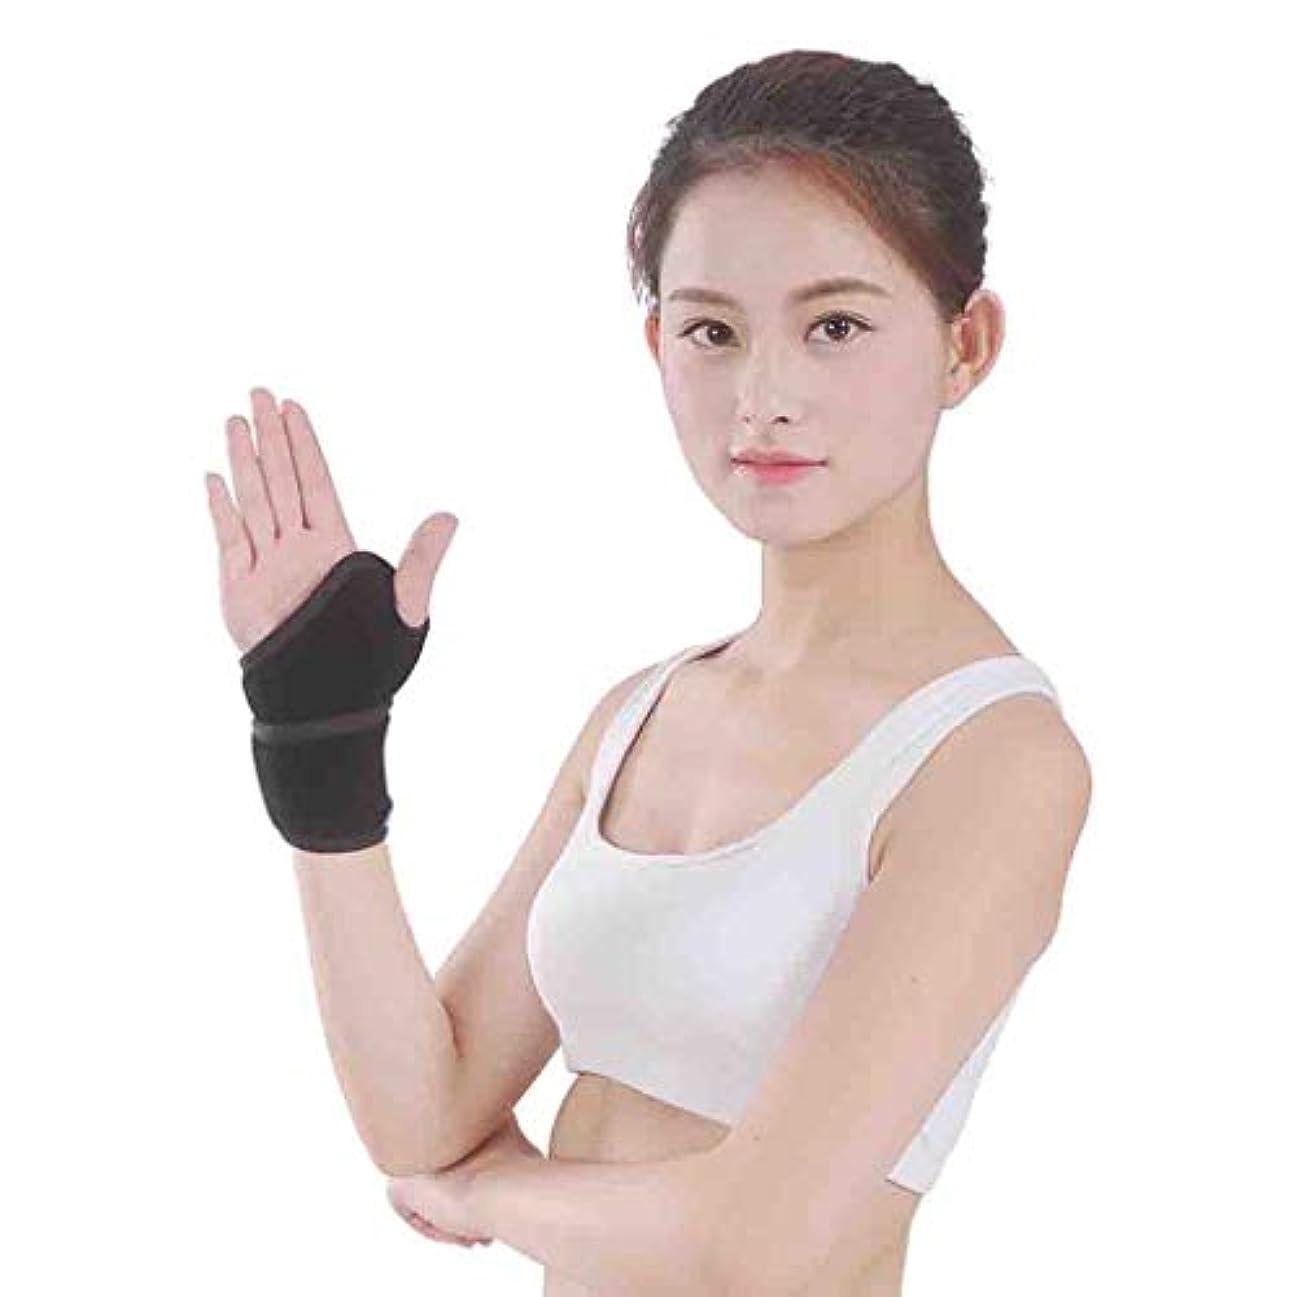 歯痛人道的導出関節炎のための親指のスプリントベージュの親指のブレース関節炎や軟組織の傷害、軽量と通気性のための腱膜炎のリストバンド Roscloud@